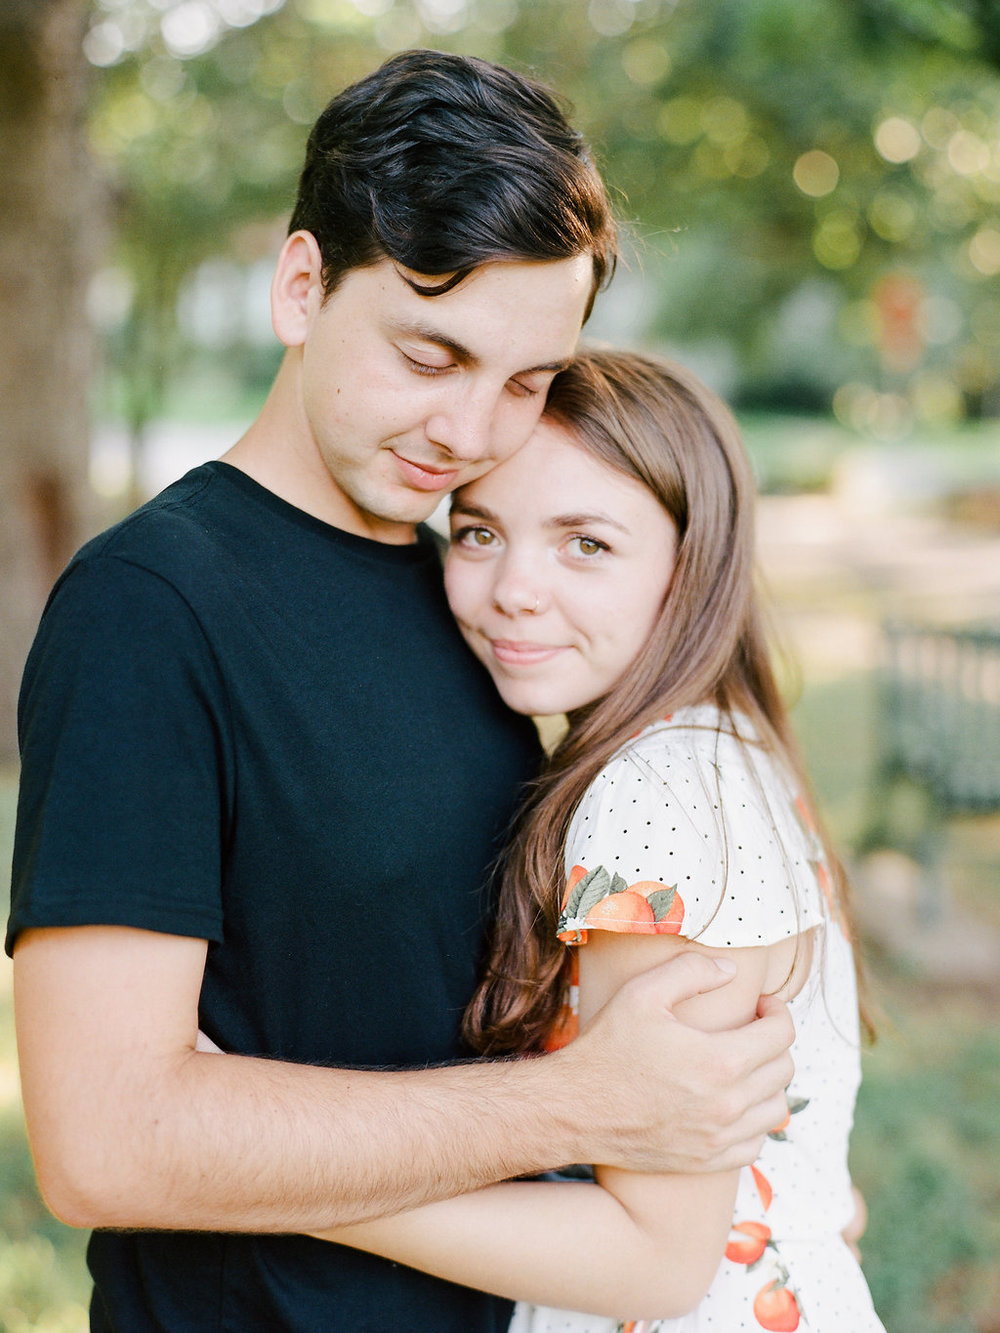 Best-Austin-Denver-California-Wedding-Photographers-fine-art-film-Engagement-Session-19.jpg